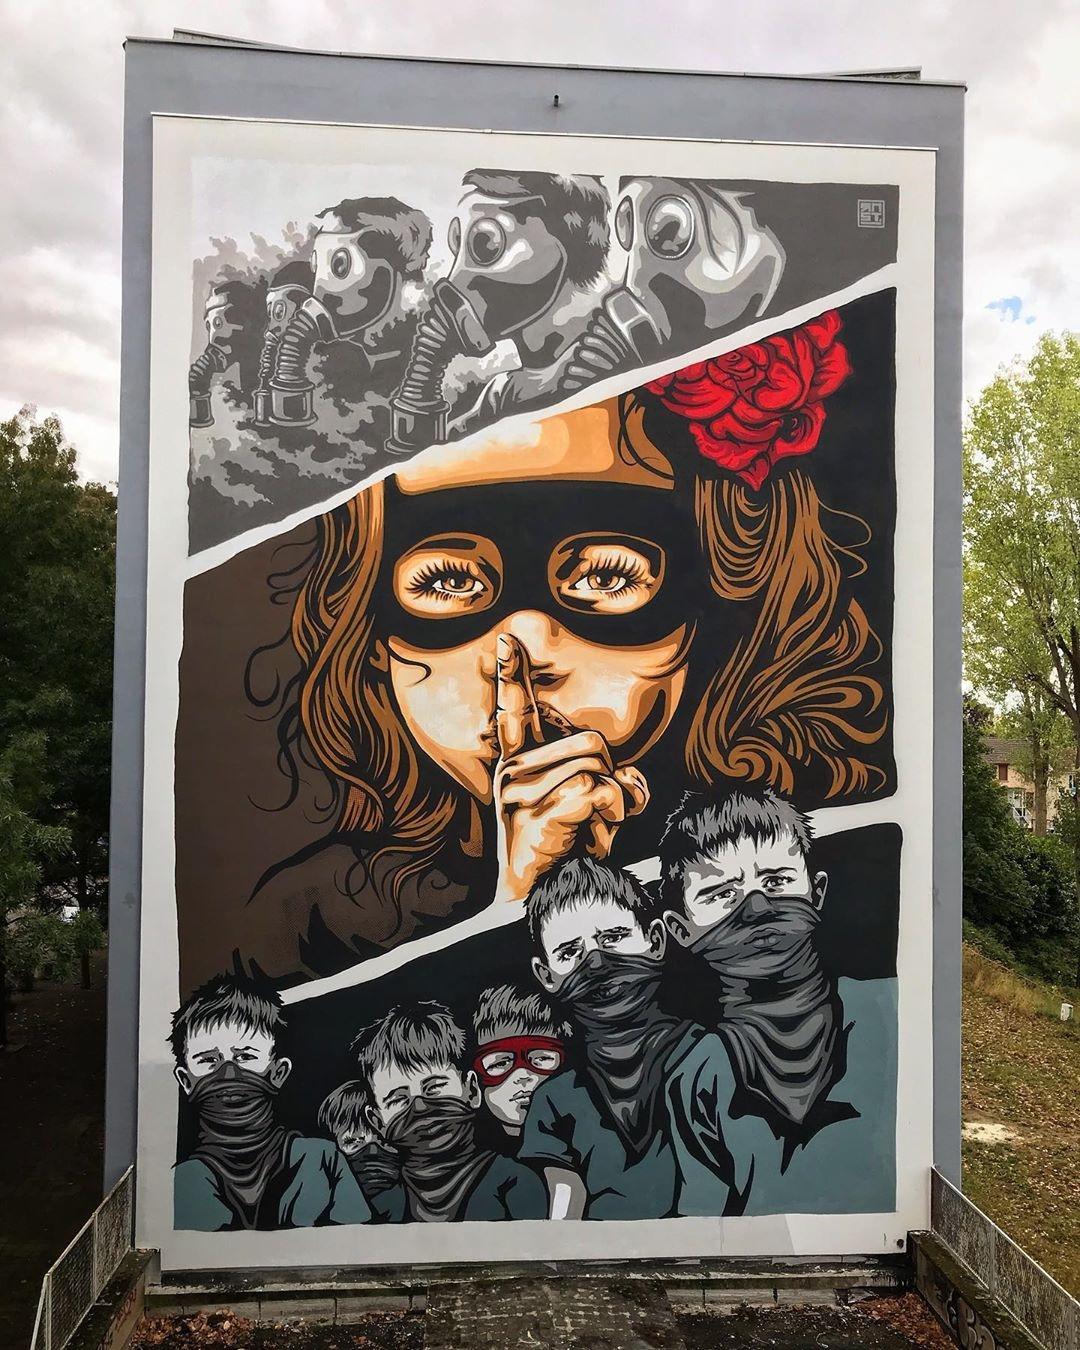 Rnst @ Dijon, France